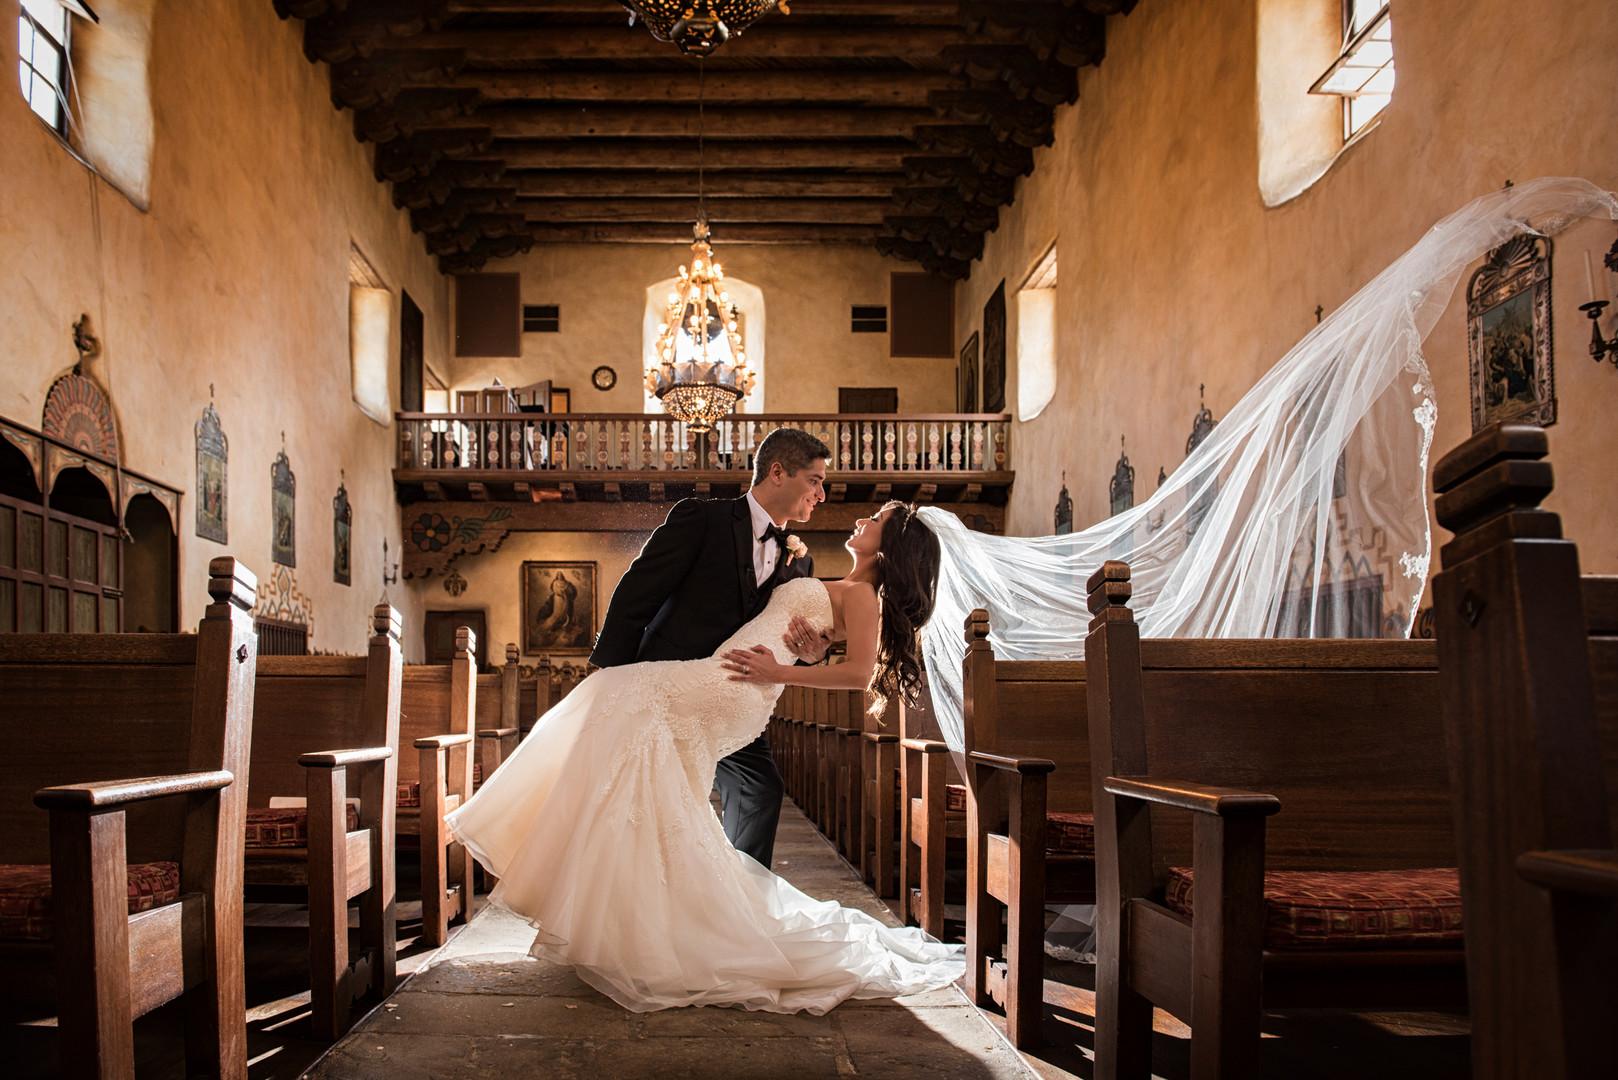 www.santabarbarawedding.com   The Big Affair   Our Lady of Mount Carmel   Bride and Groom